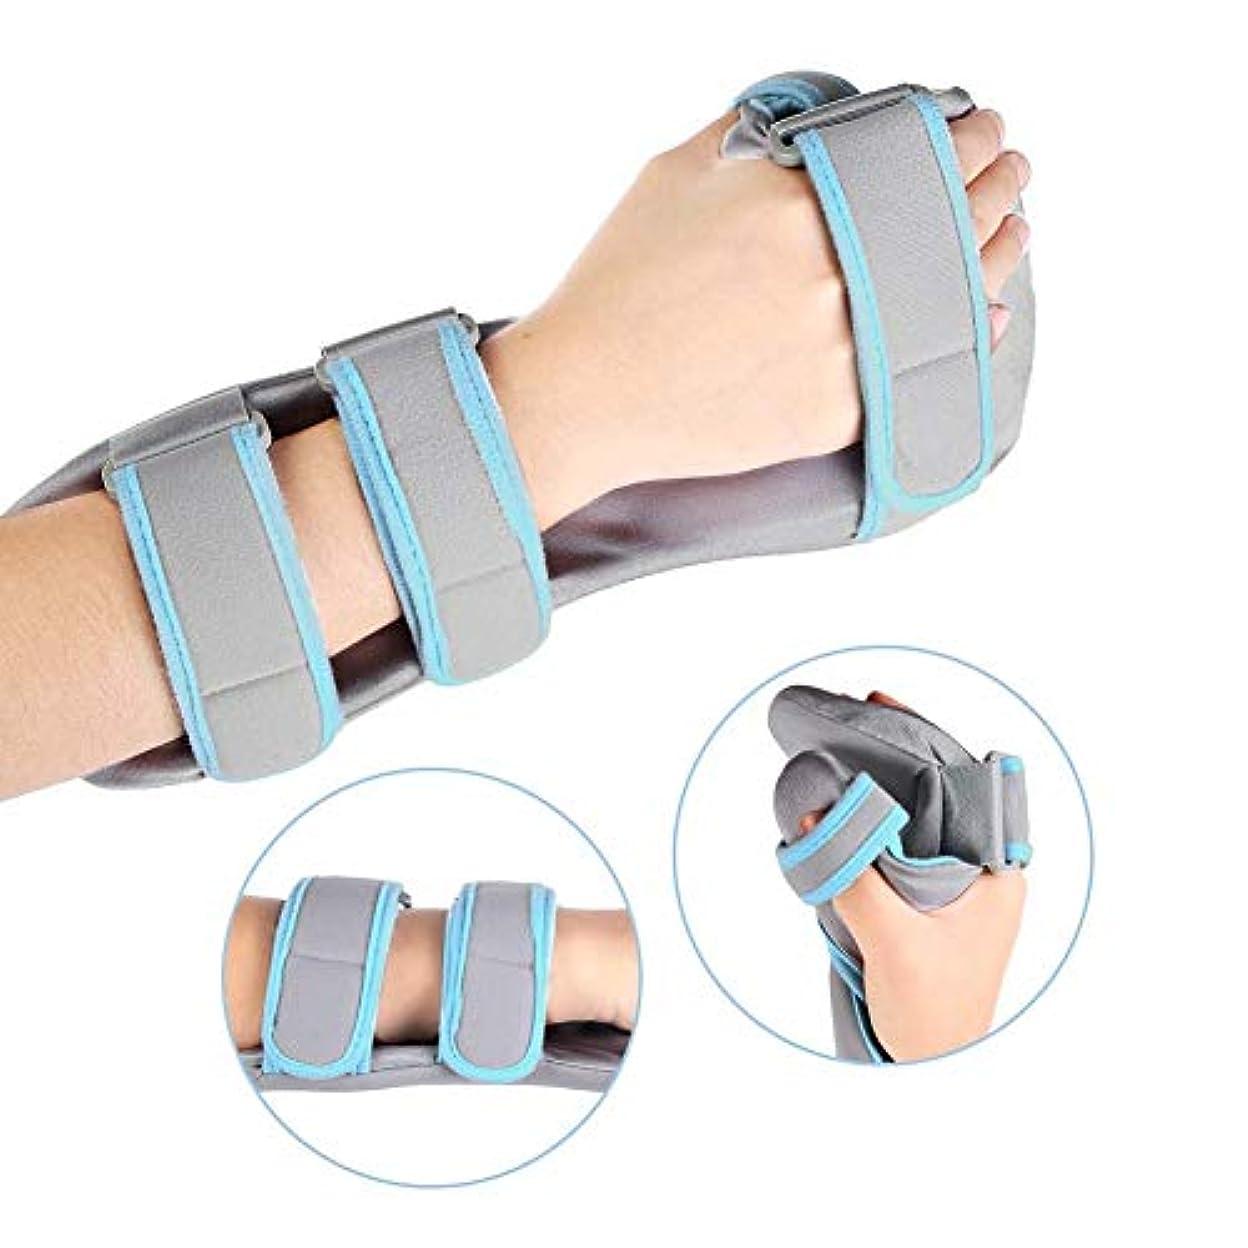 のためサッカーバンドル手首のサポート、手根管、骨折、捻rain、関節痛の軽減のための調節可能な通気性の手のサポート,Right,S